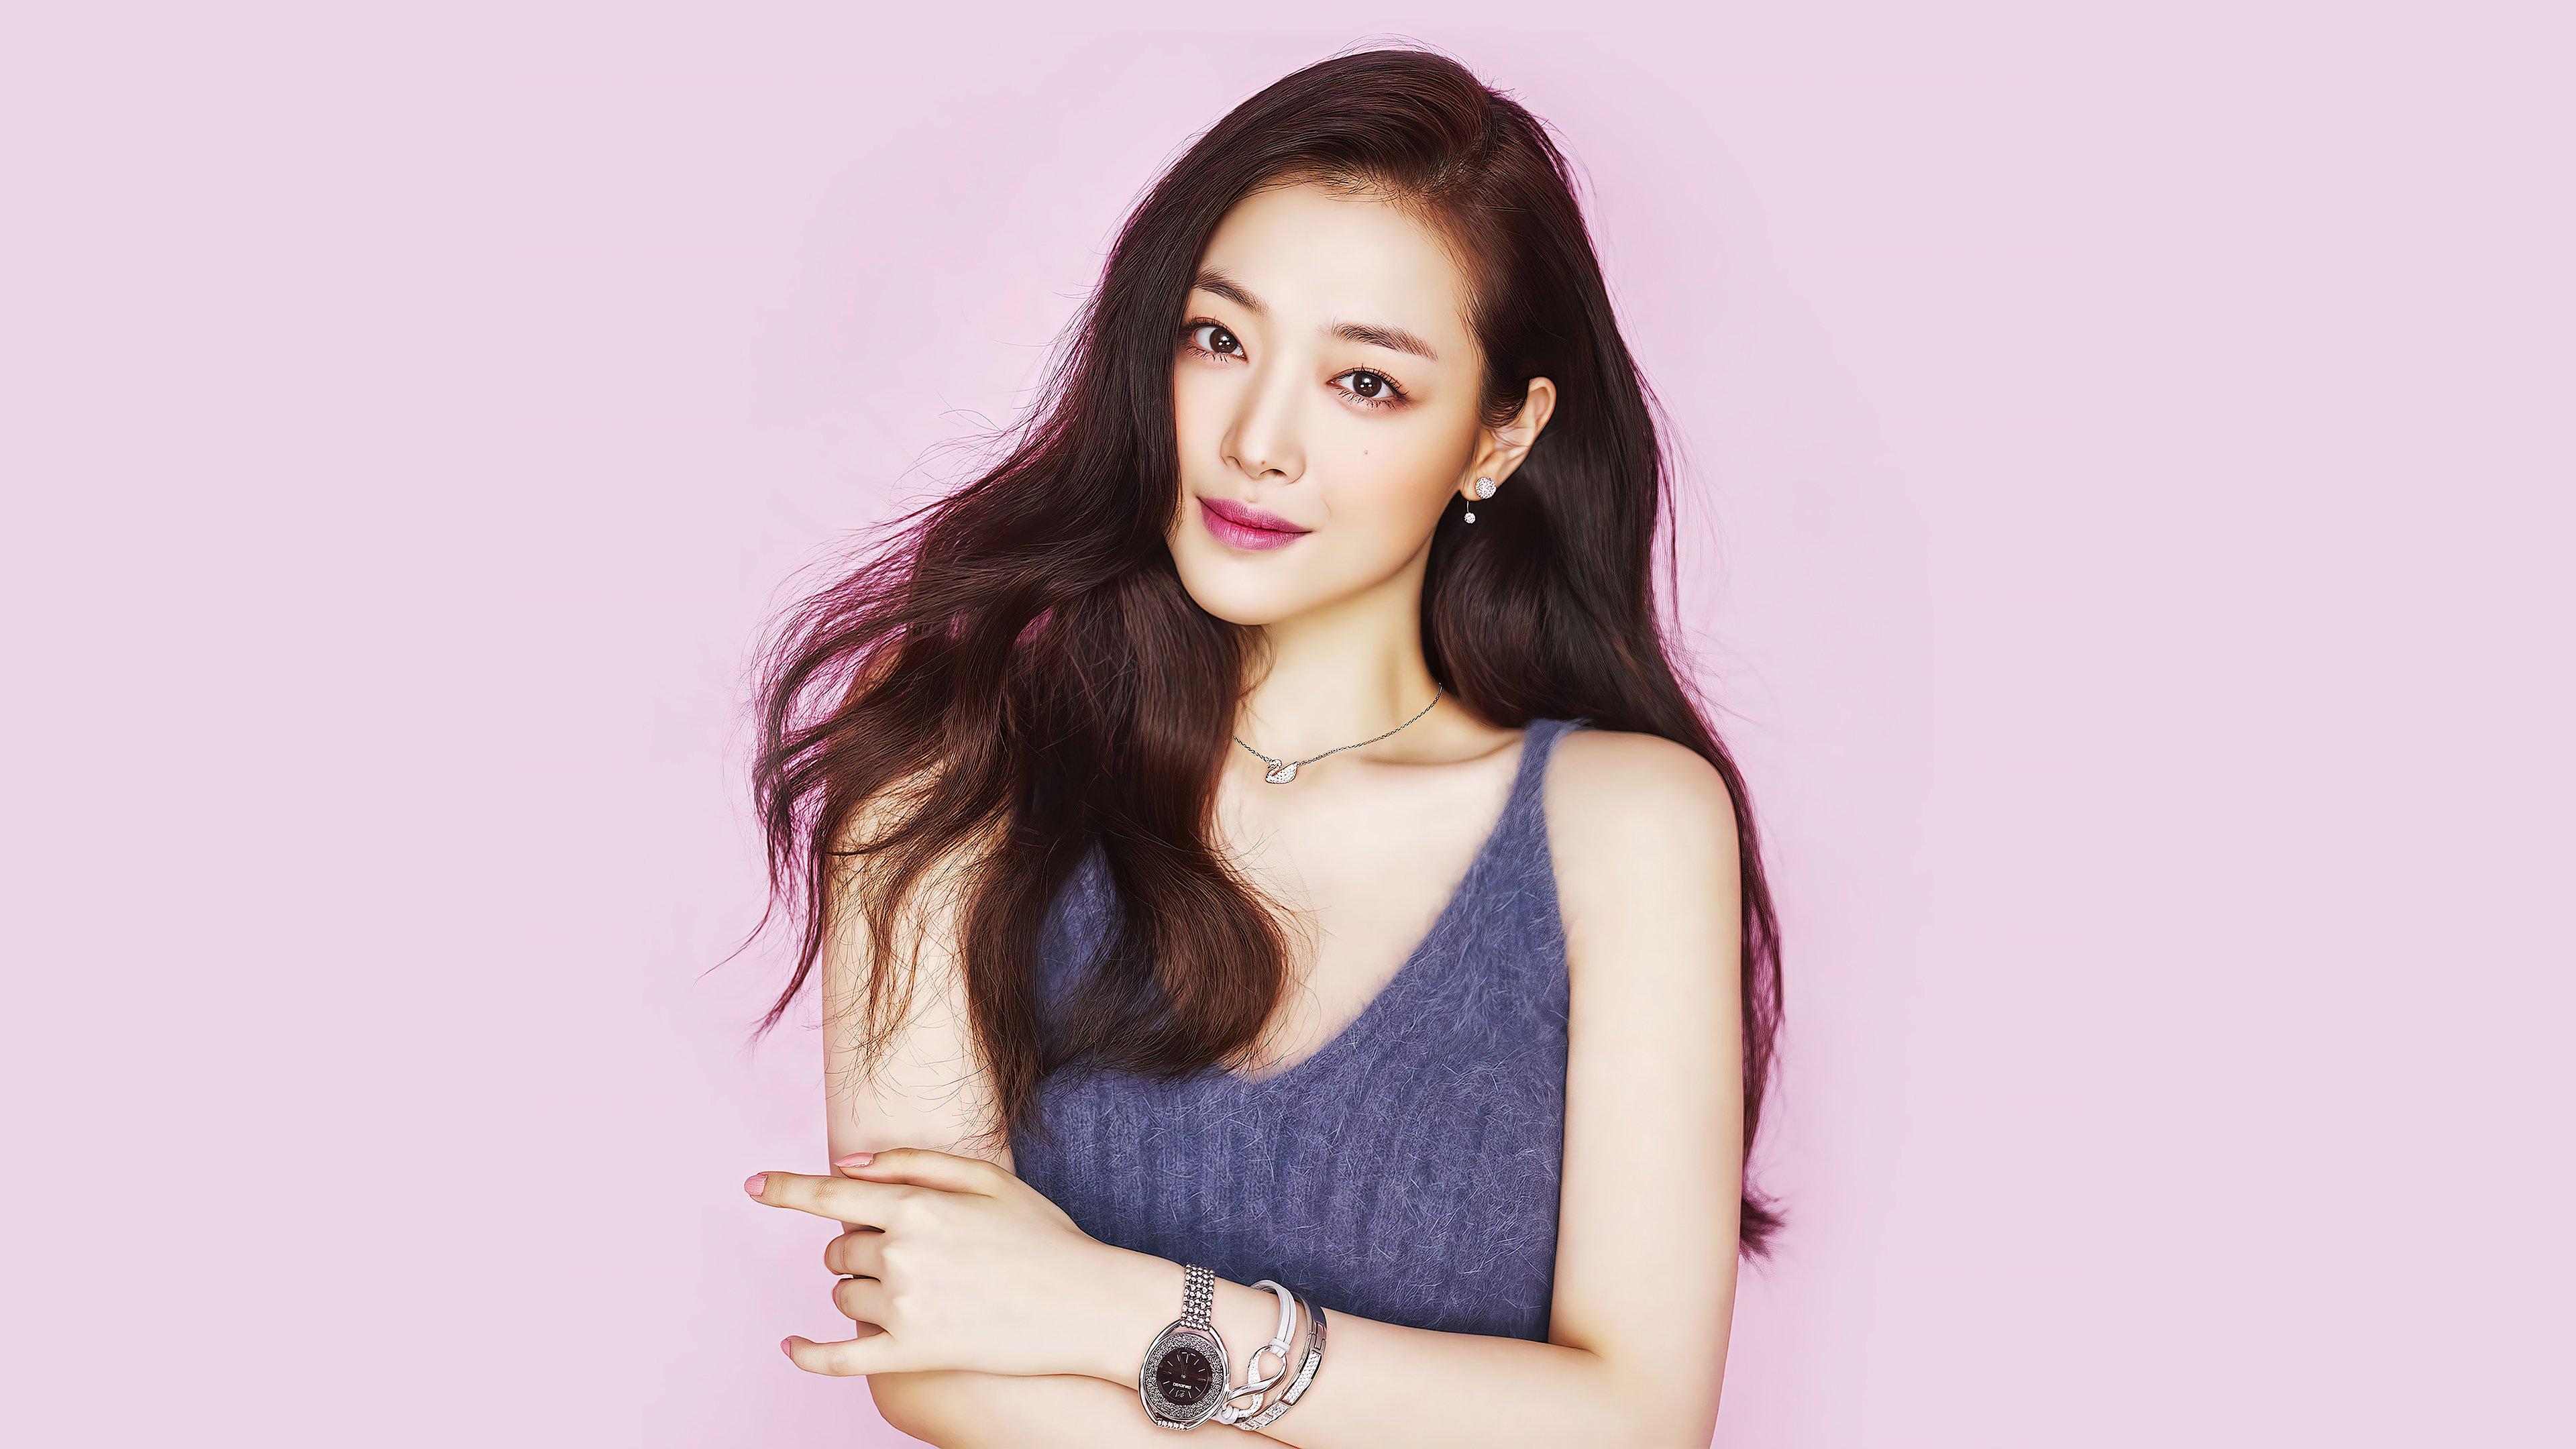 Fondos de pantalla Sulli cantante de Kpop